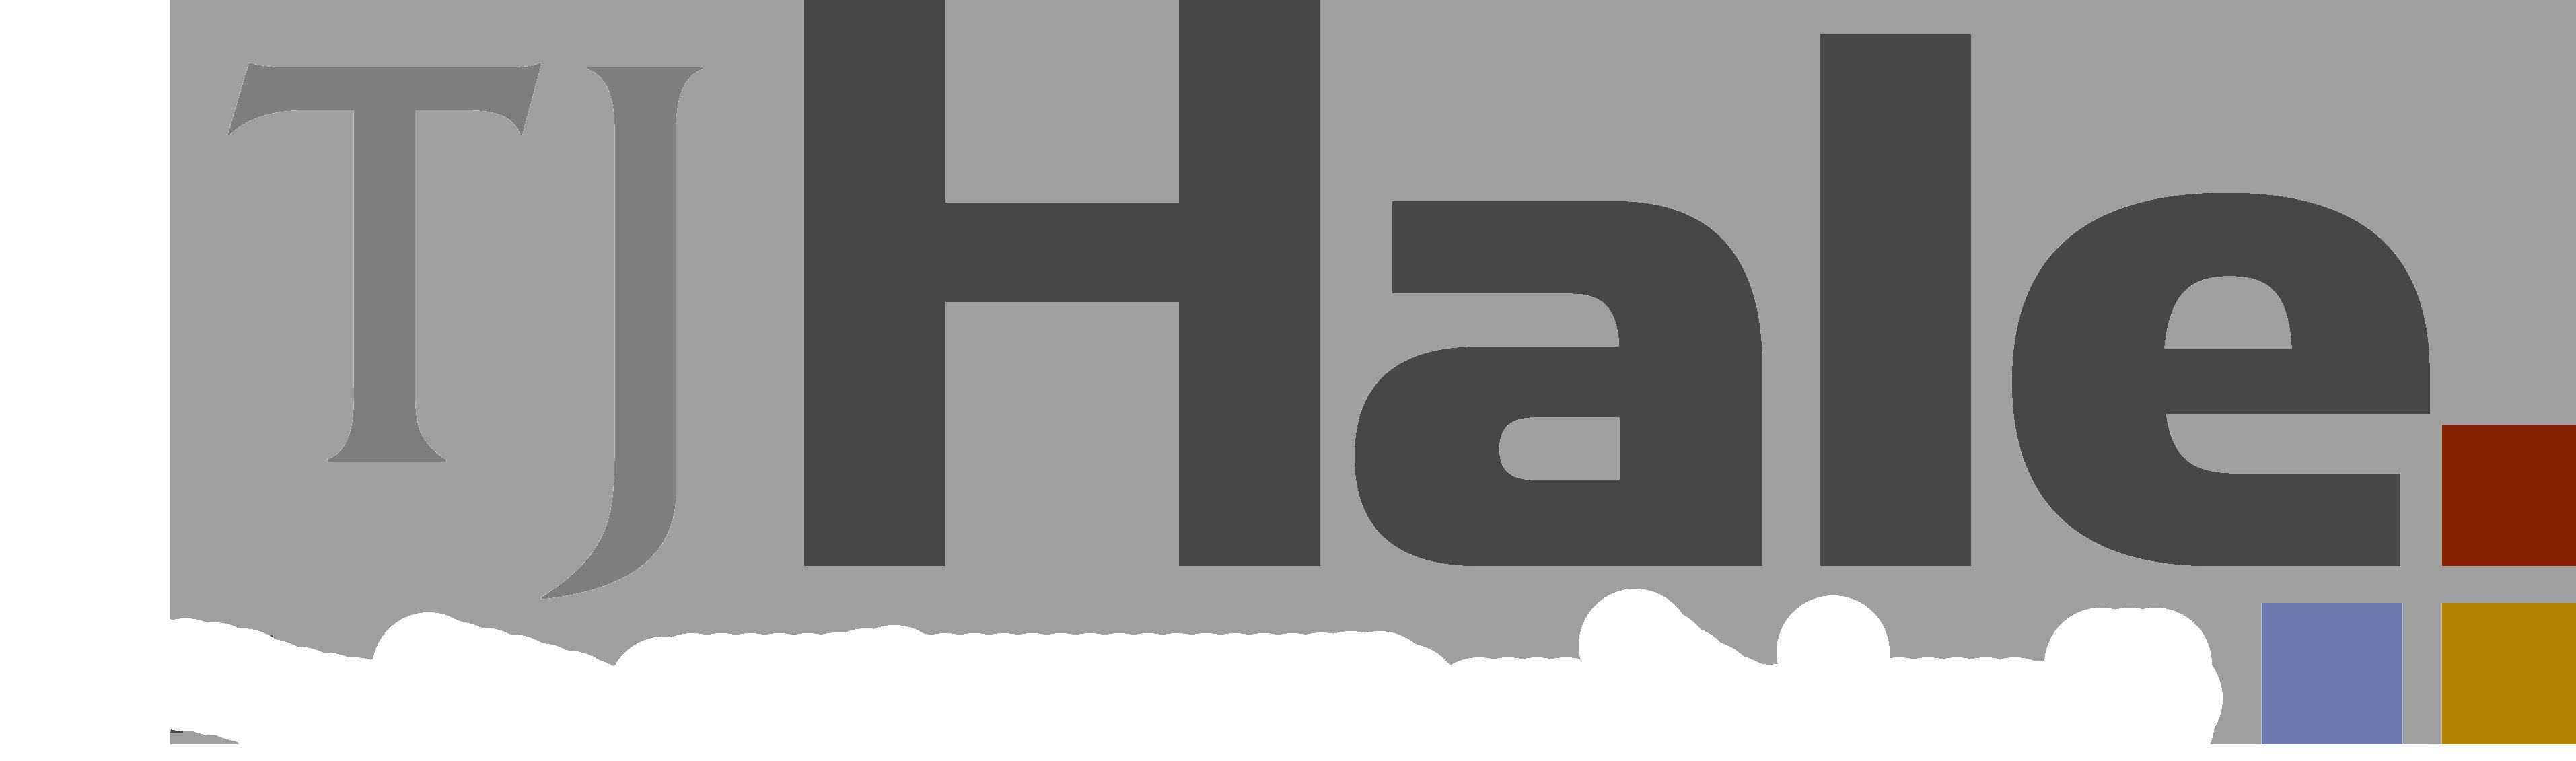 TJ Hale